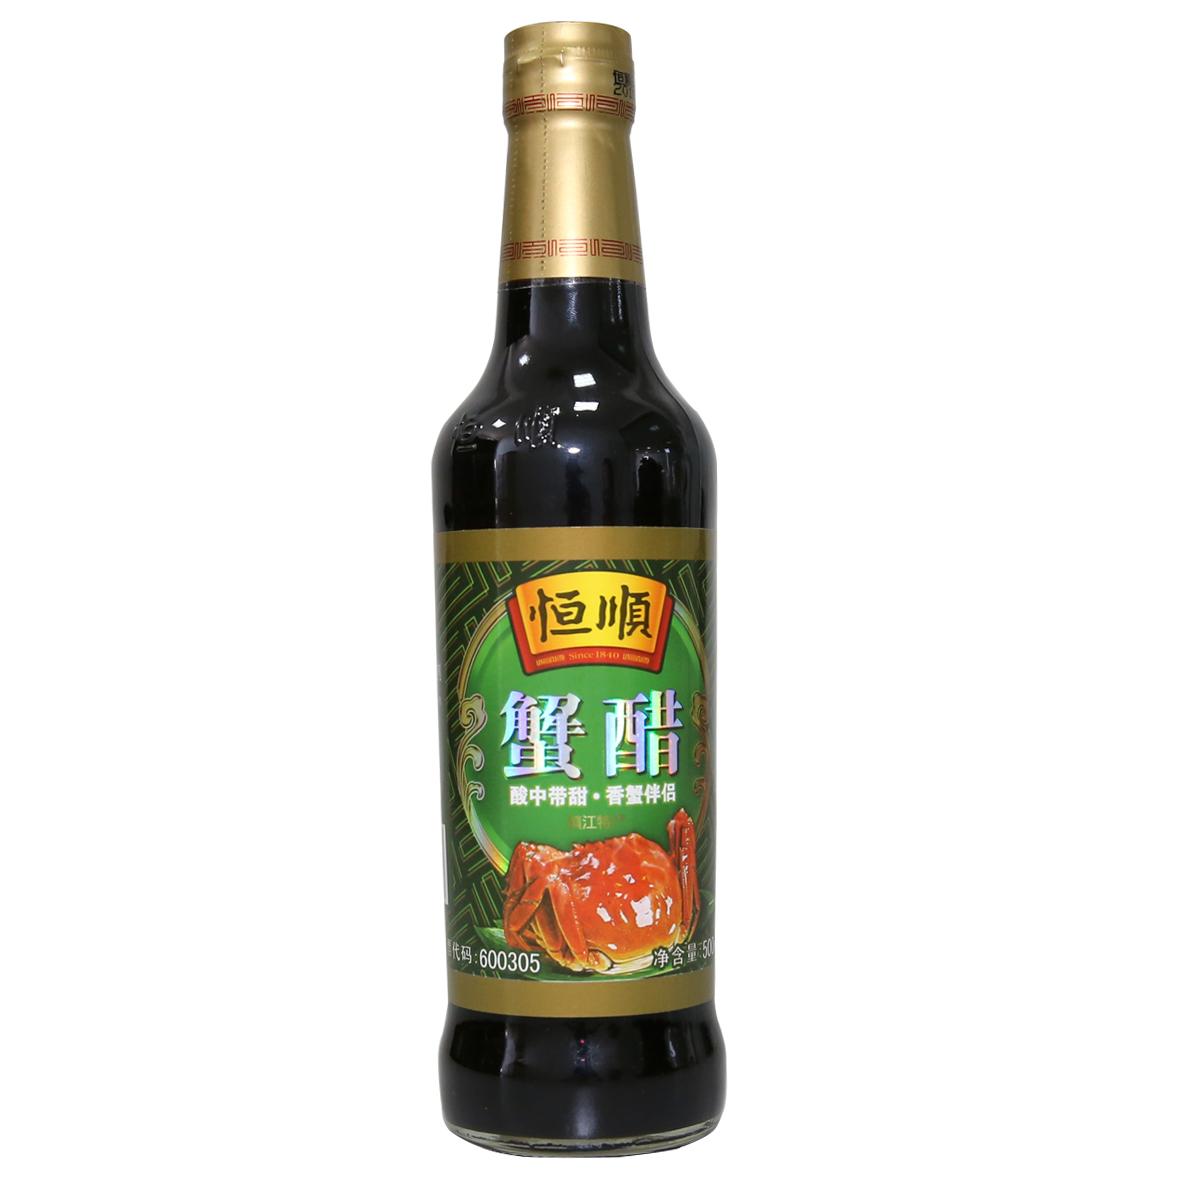 恒顺蟹醋500ml 大闸螃蟹好伴侣  镇江香醋 海鲜蘸食醋